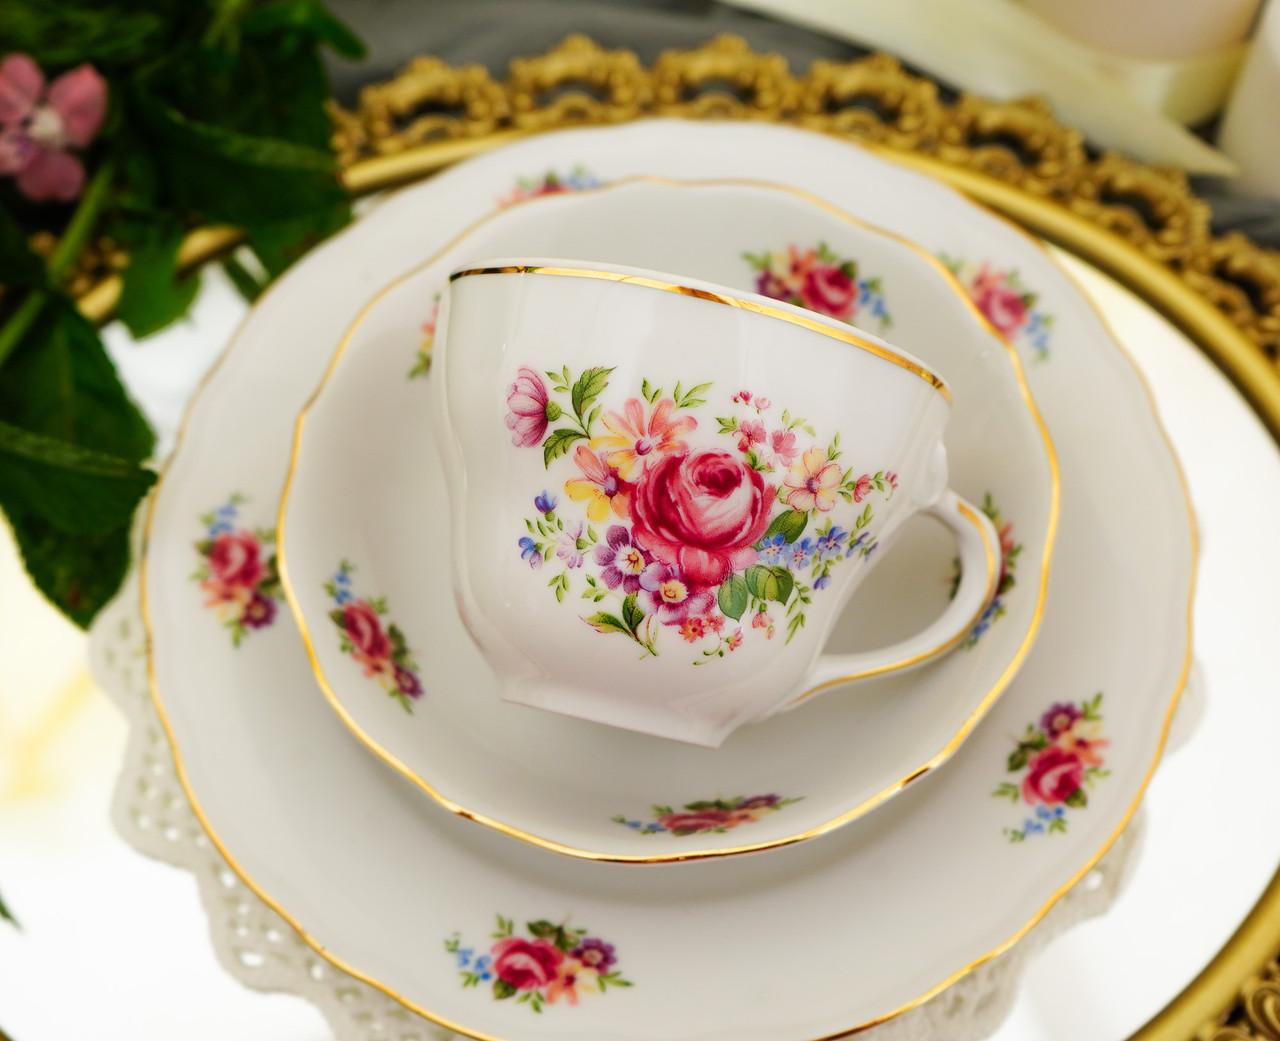 Антикварні порцеляновий чайна трійка, чашка, блюдце й тарілка, Oscar Schaller & Co, Німеччина, фарфор